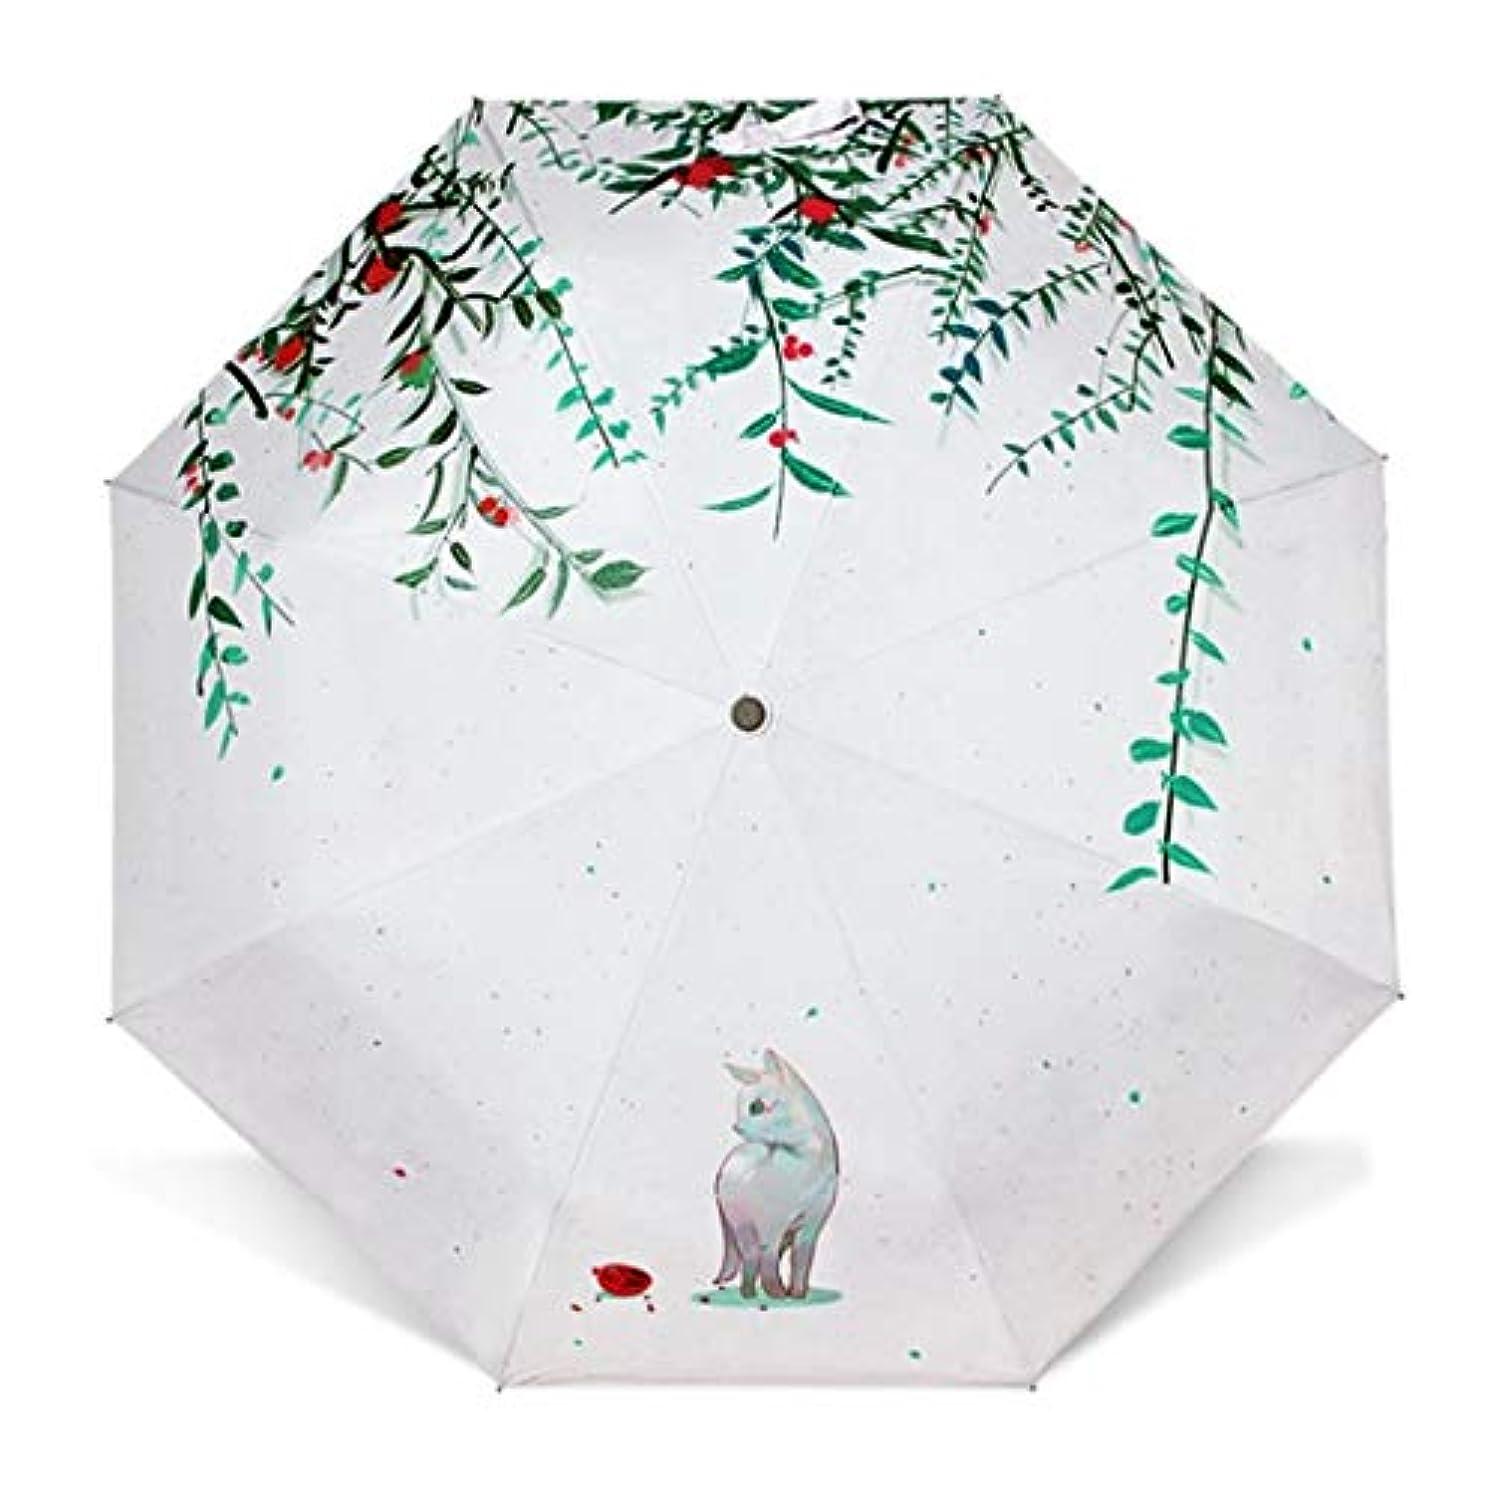 売上高無礼に不調和HOHYLLYA 小さな新鮮な日傘/三つ折り猫の傘/日焼け防止クリエイティブ日傘傘 sunshade (Color : ホワイト)